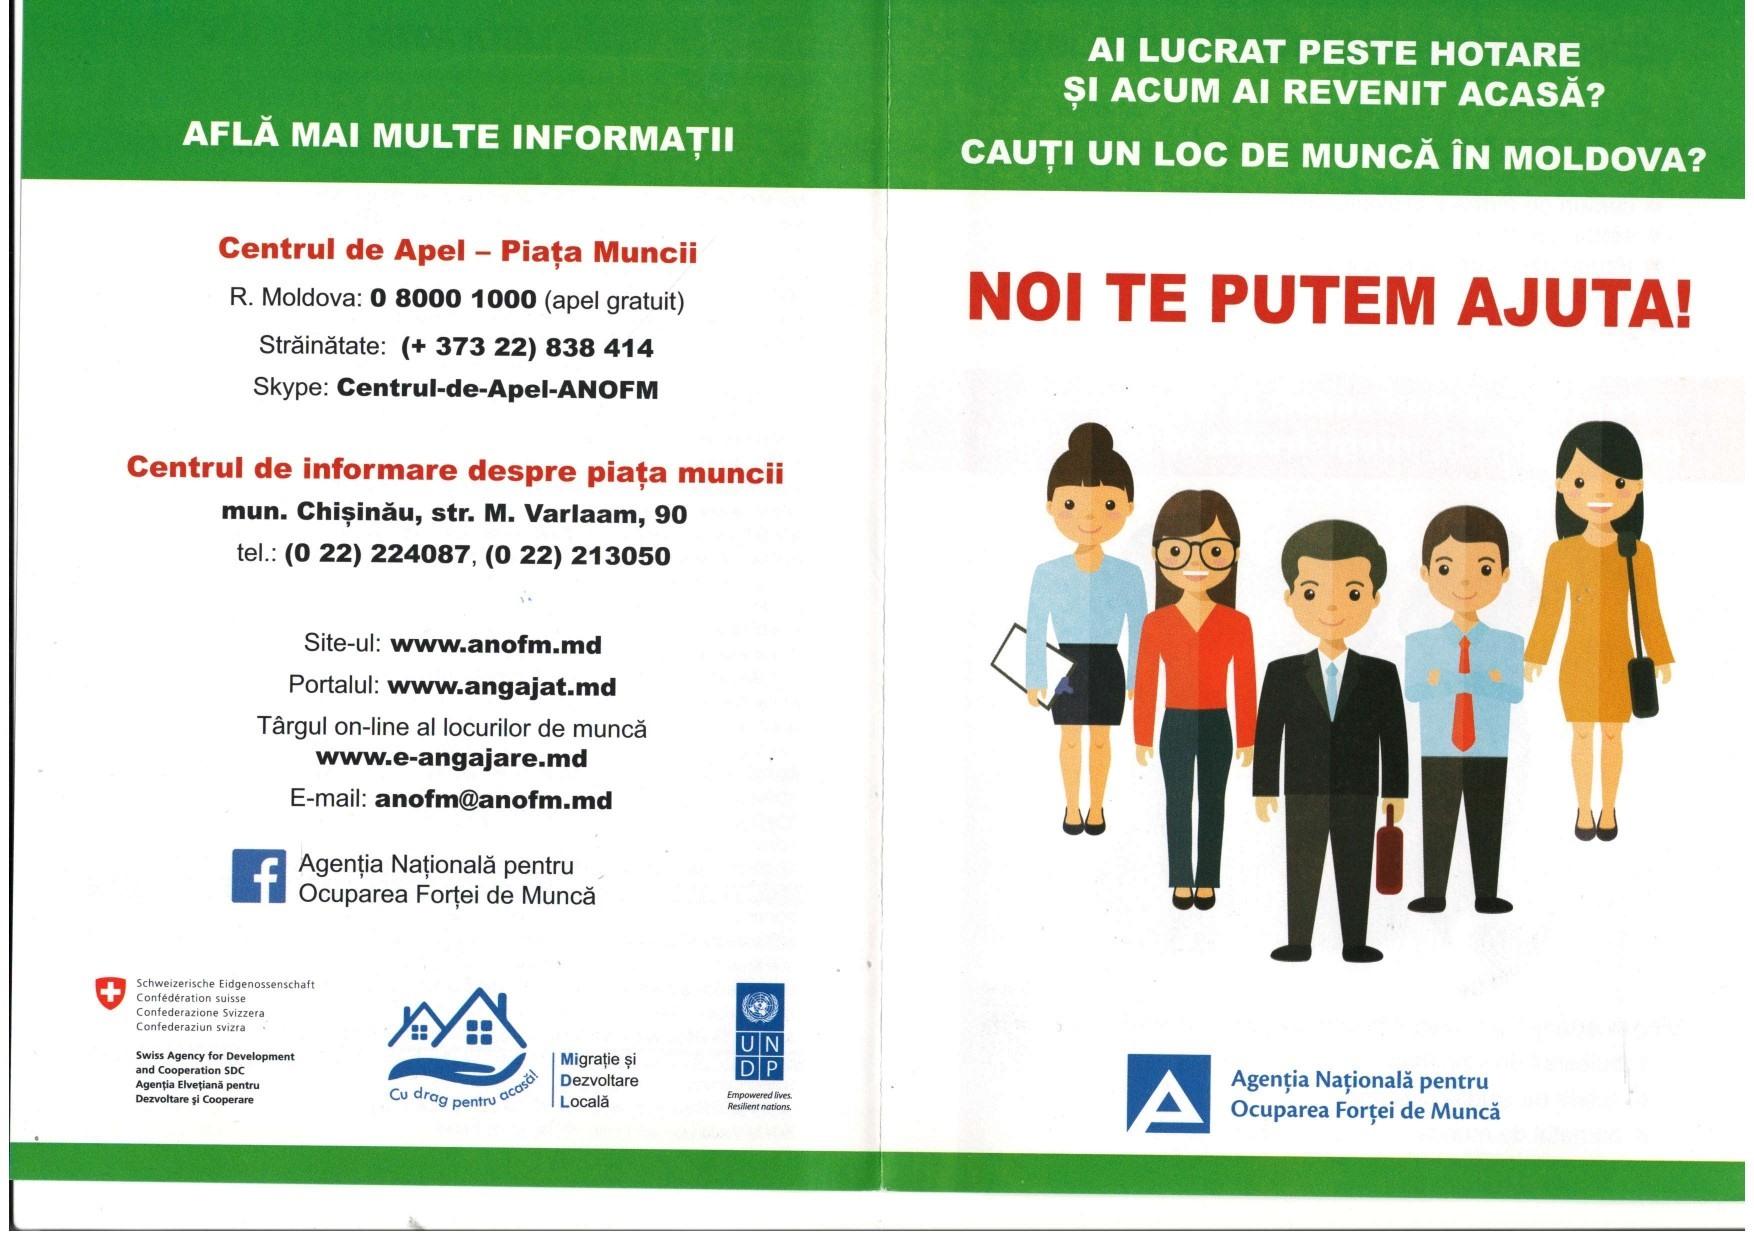 Cauți un loc de muncă în Moldova?